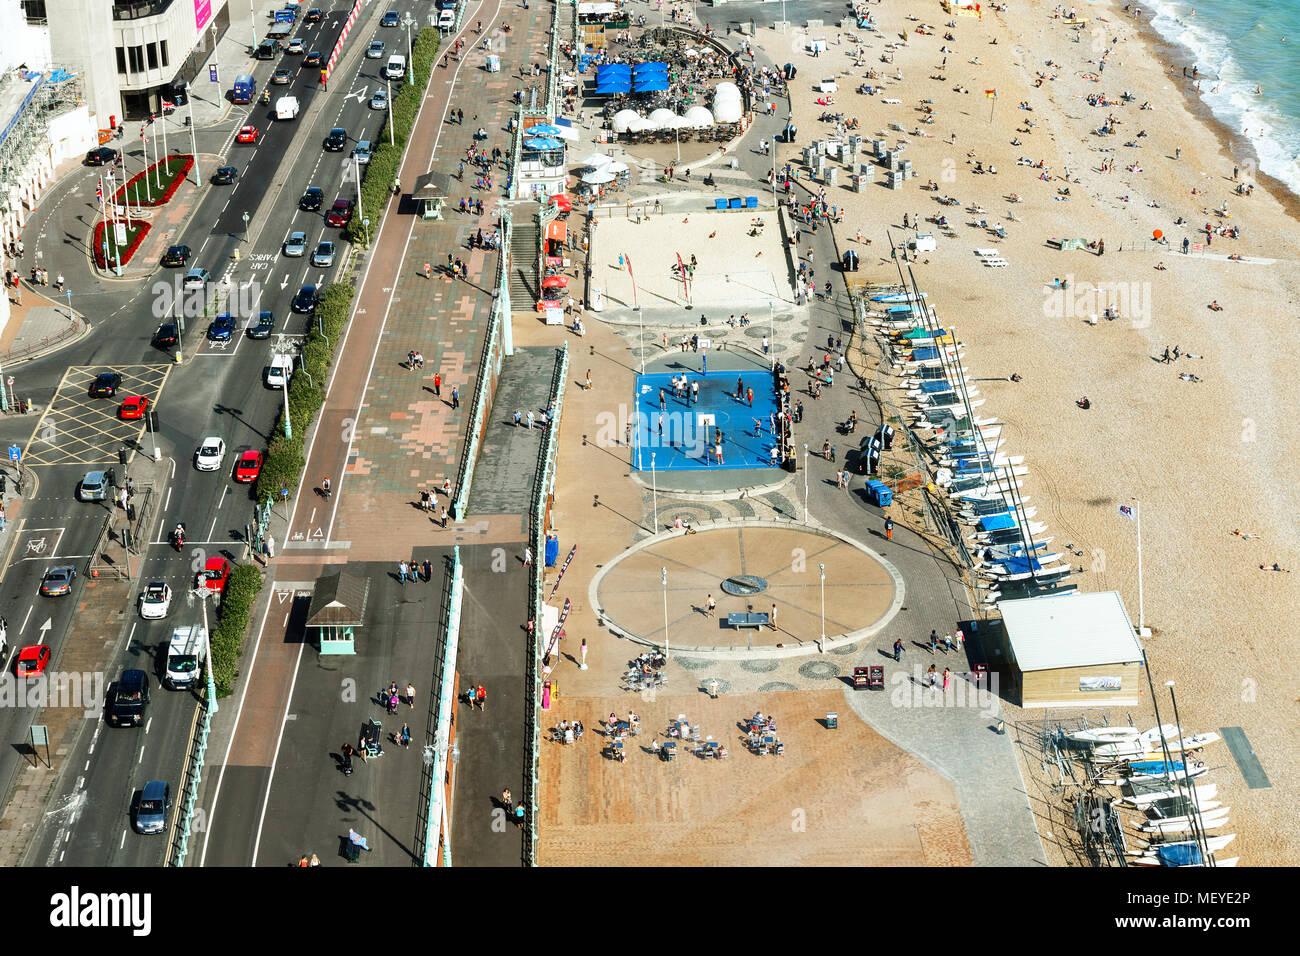 Vista aérea de Brighton, personas juegan al baloncesto en la cancha , aparcamiento para yates Imagen De Stock